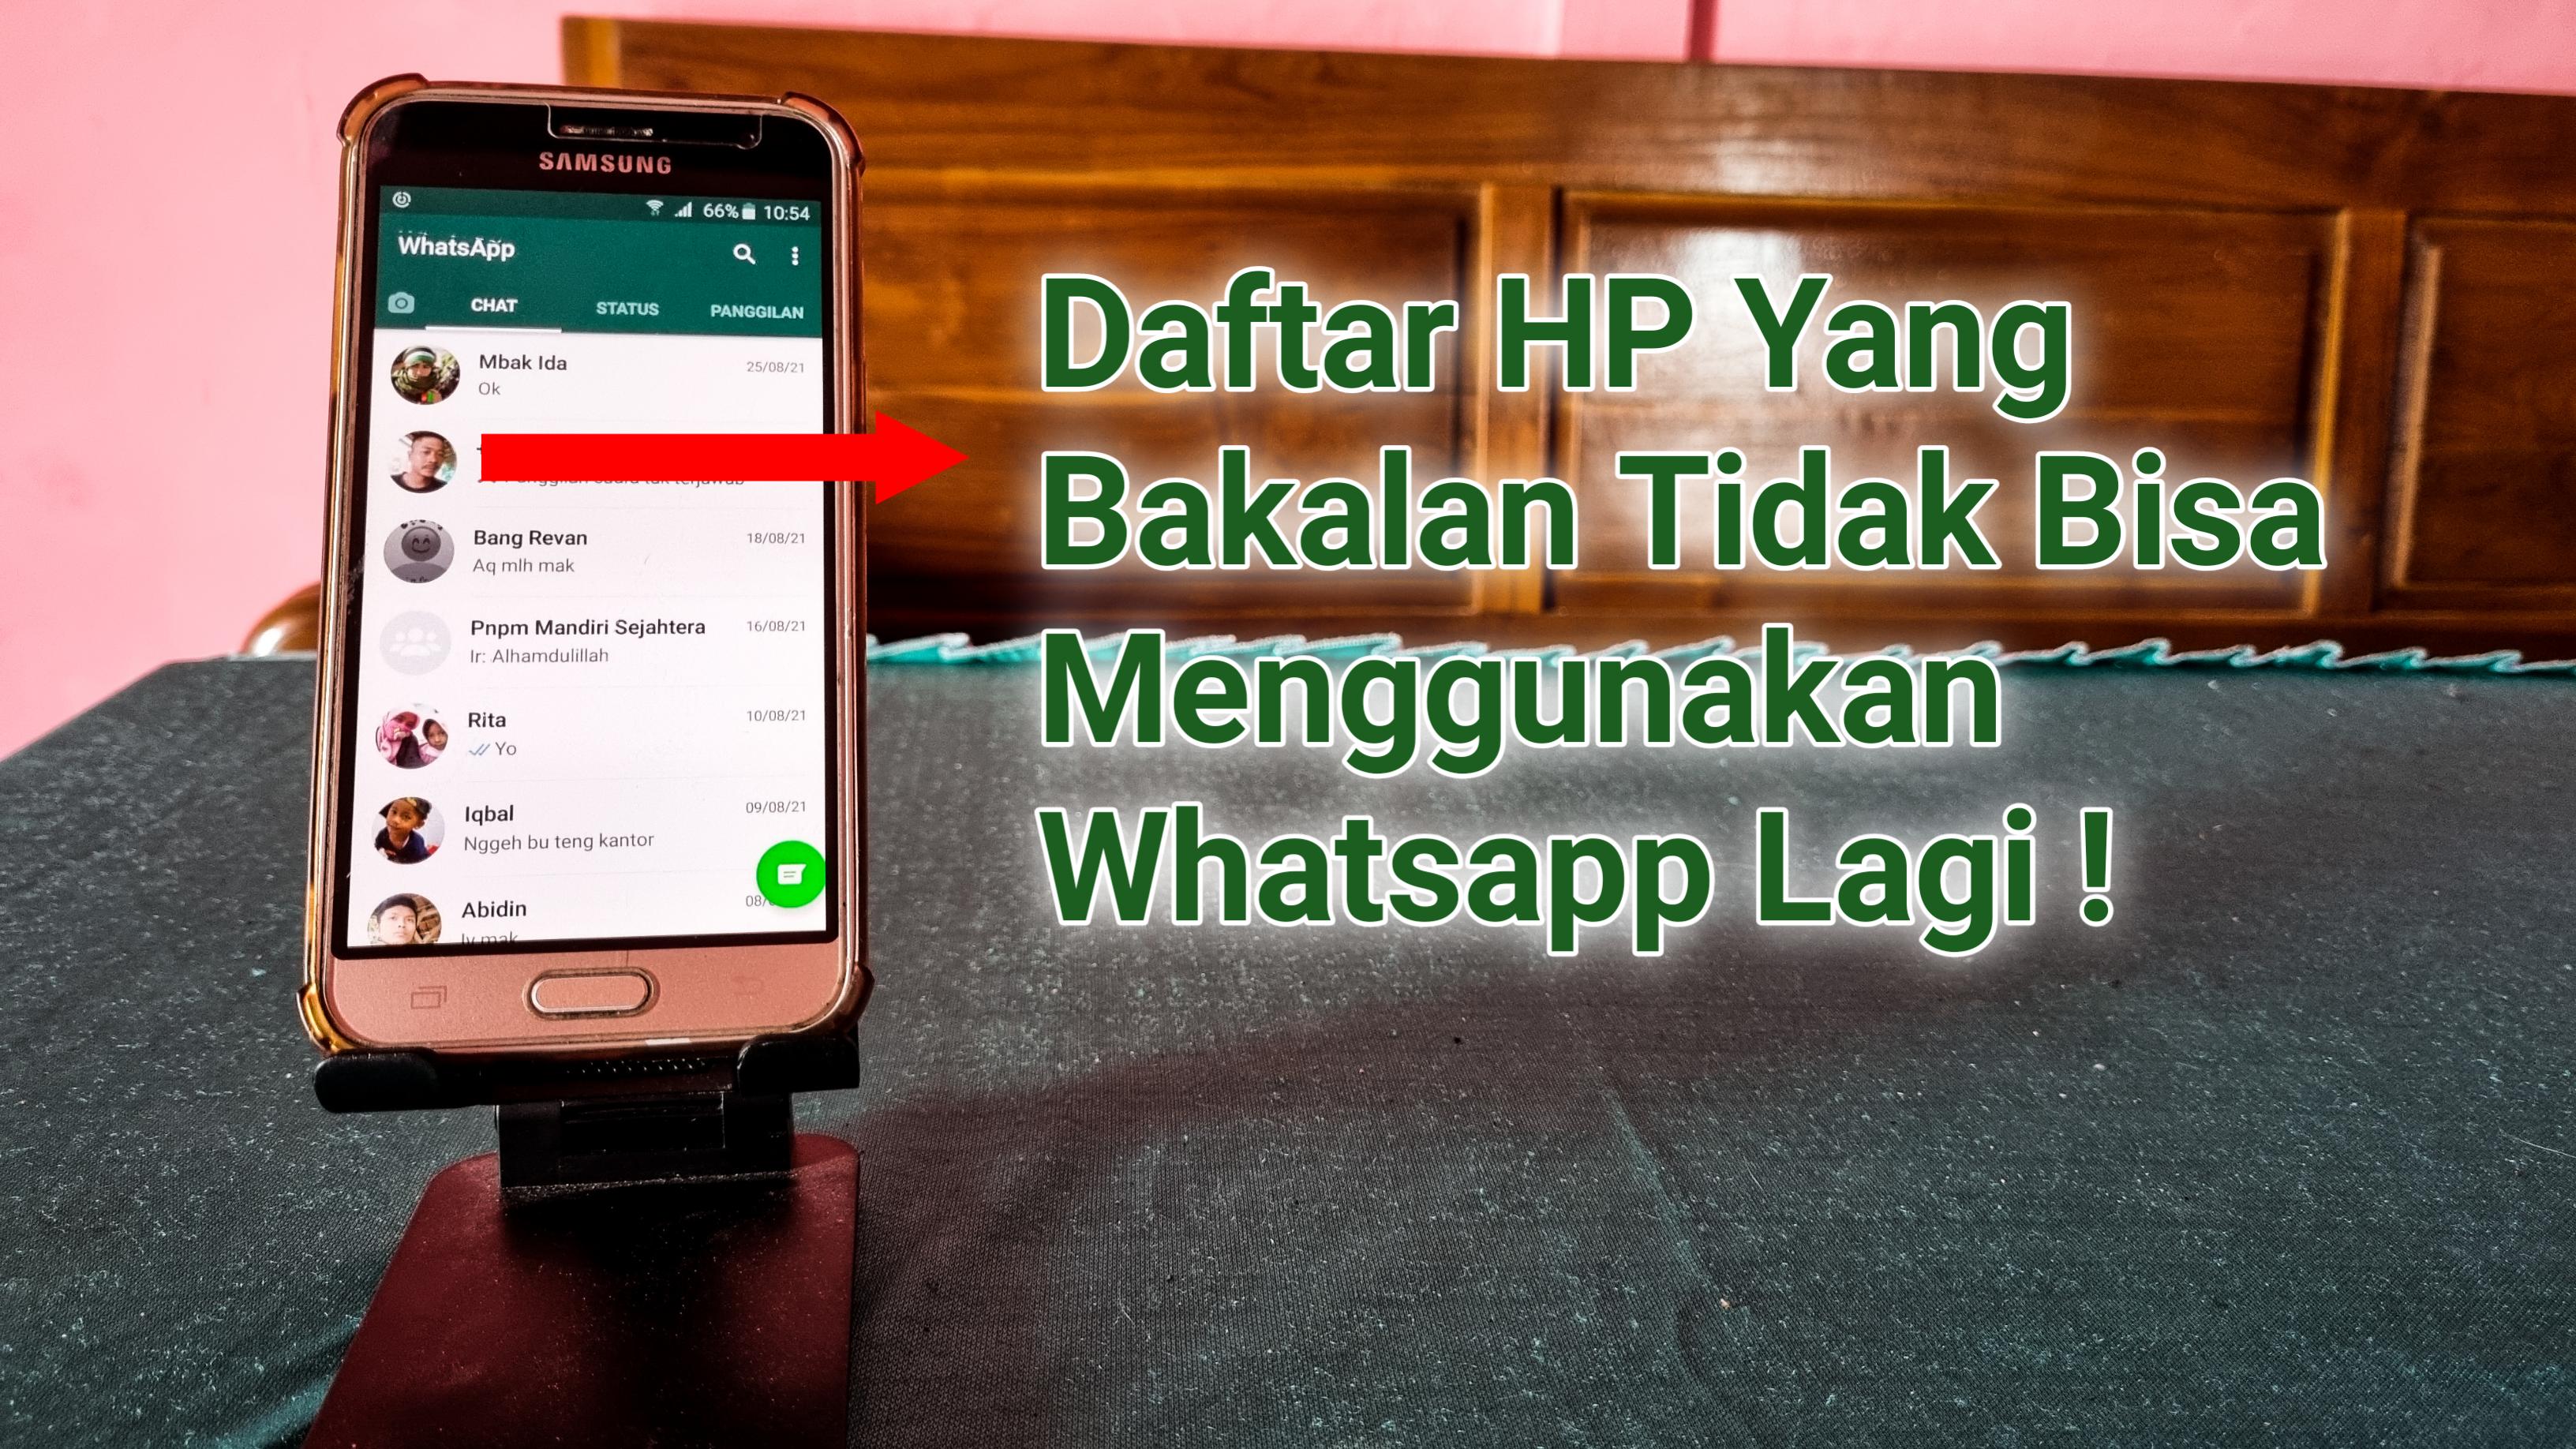 Daftar HP Yang Bakal Tidak Bisa Menggunakan Whatsapp